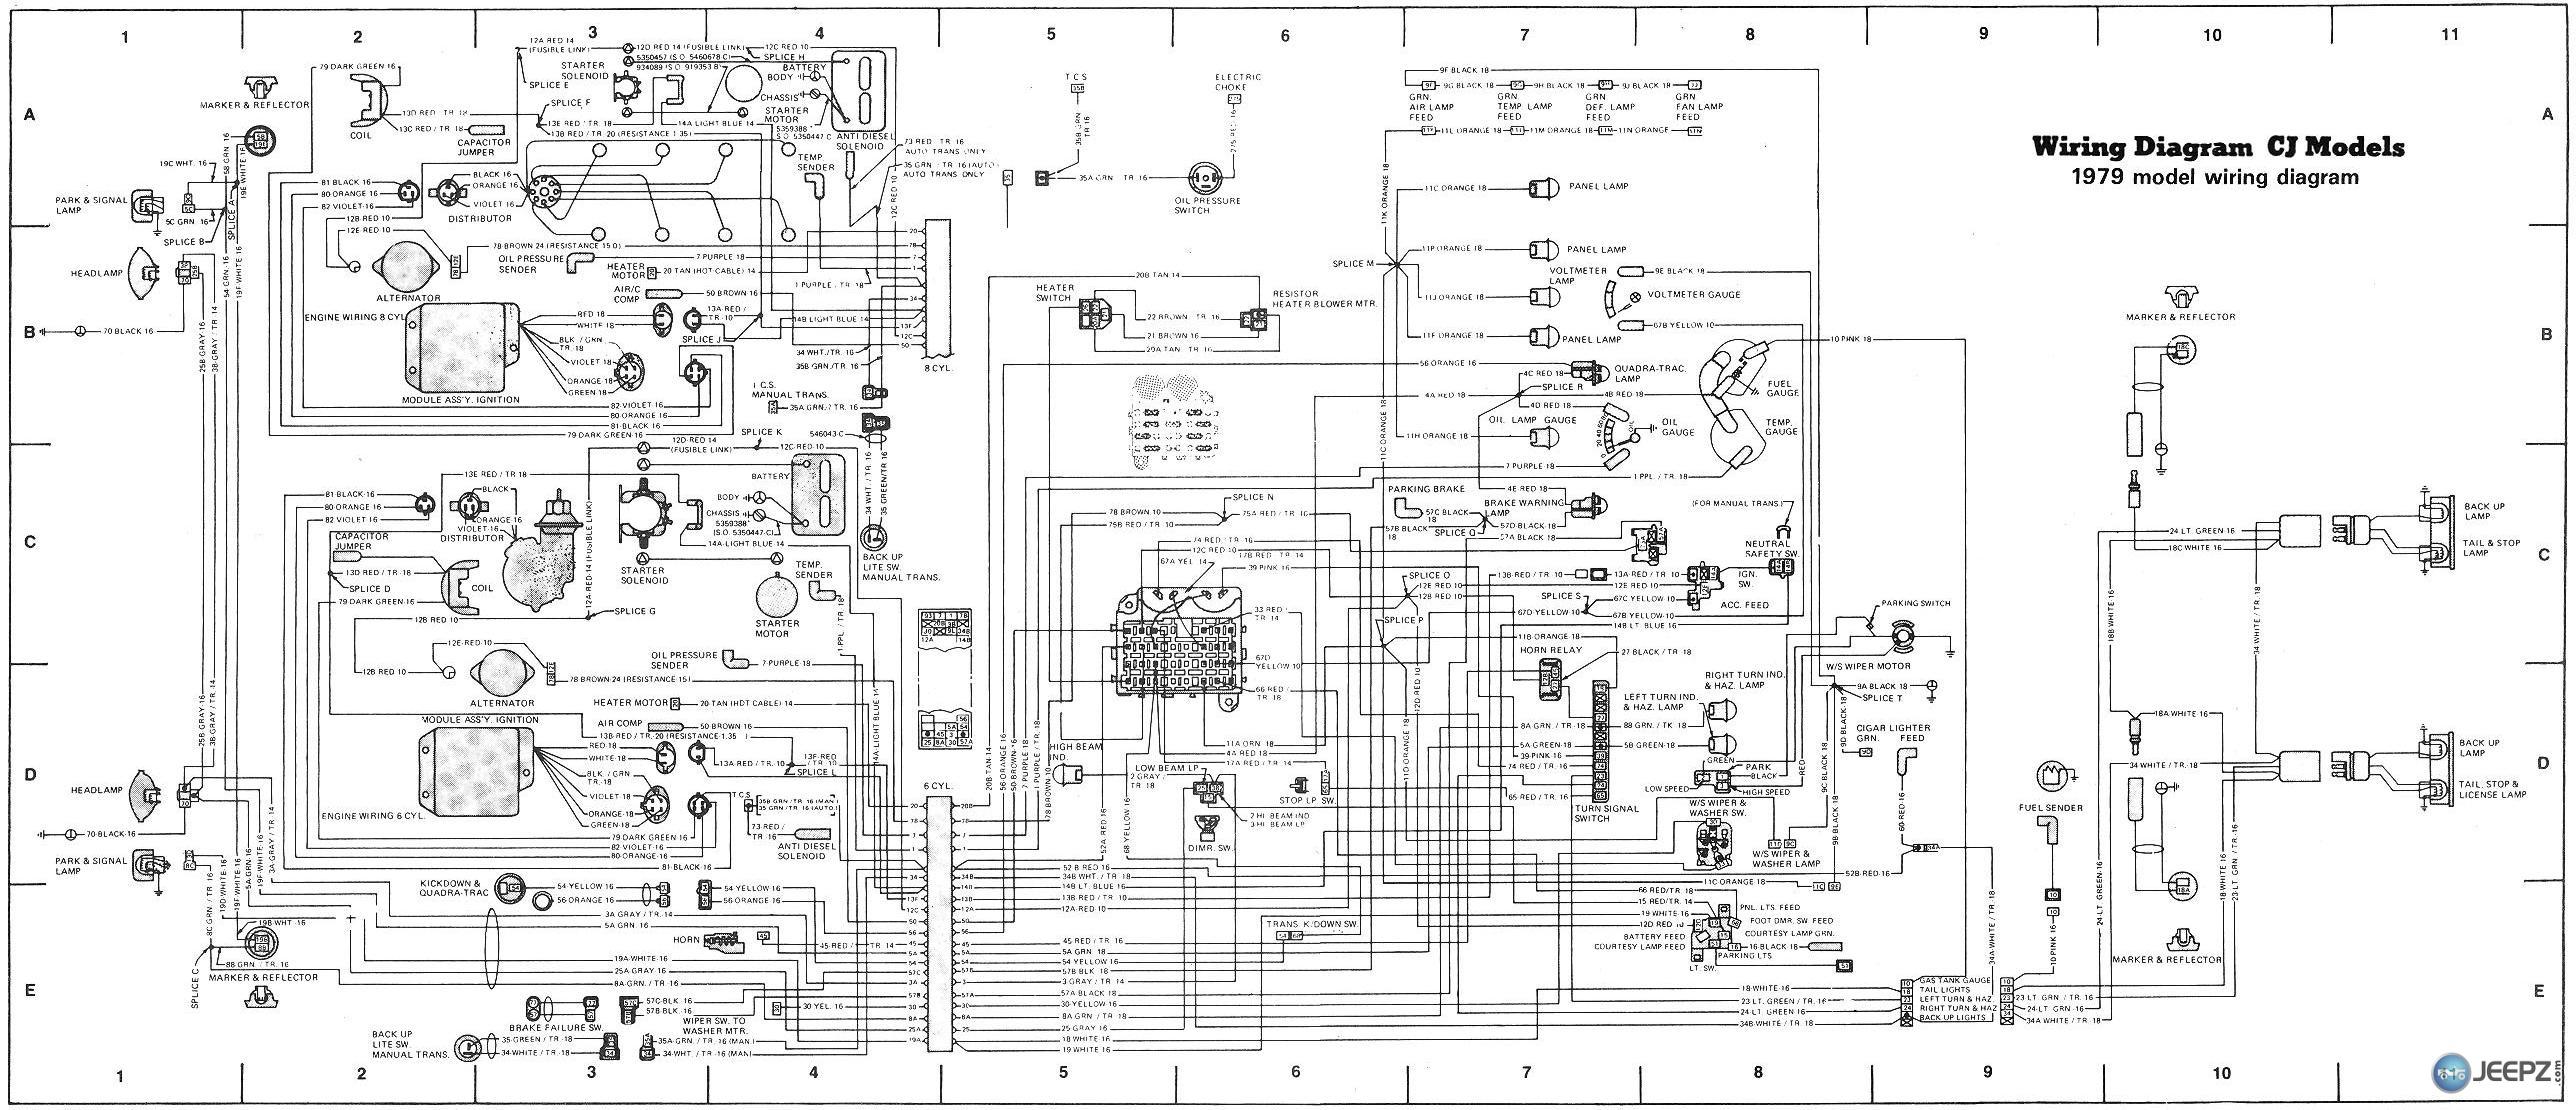 WRG-2570] Wiring Diagram For 1985 Cj7 on 700r4 wiring diagram, 82 cj horn wiring diagram, light switch wiring diagram, 85 cj7 charging diagram, 85 cj7 fuel tank, 94 grand am wiring diagram, 85 cj7 exhaust system,